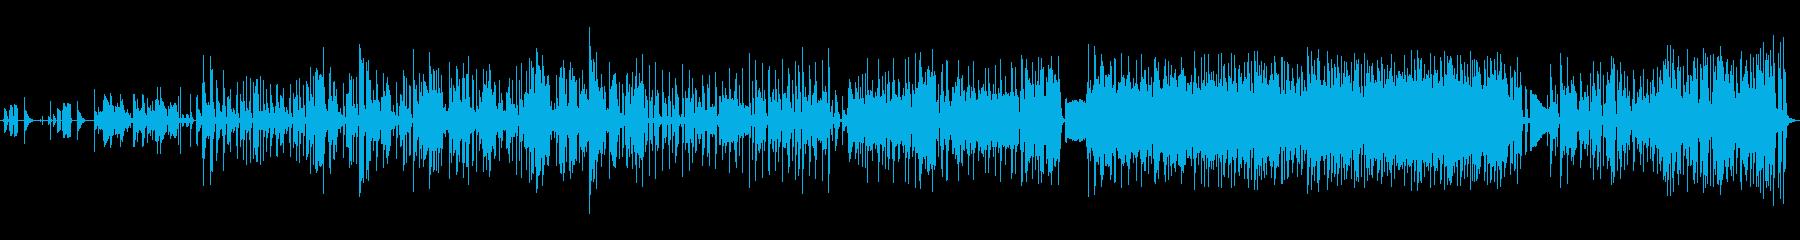 トークの邪魔をしないバンドサウンドBGMの再生済みの波形